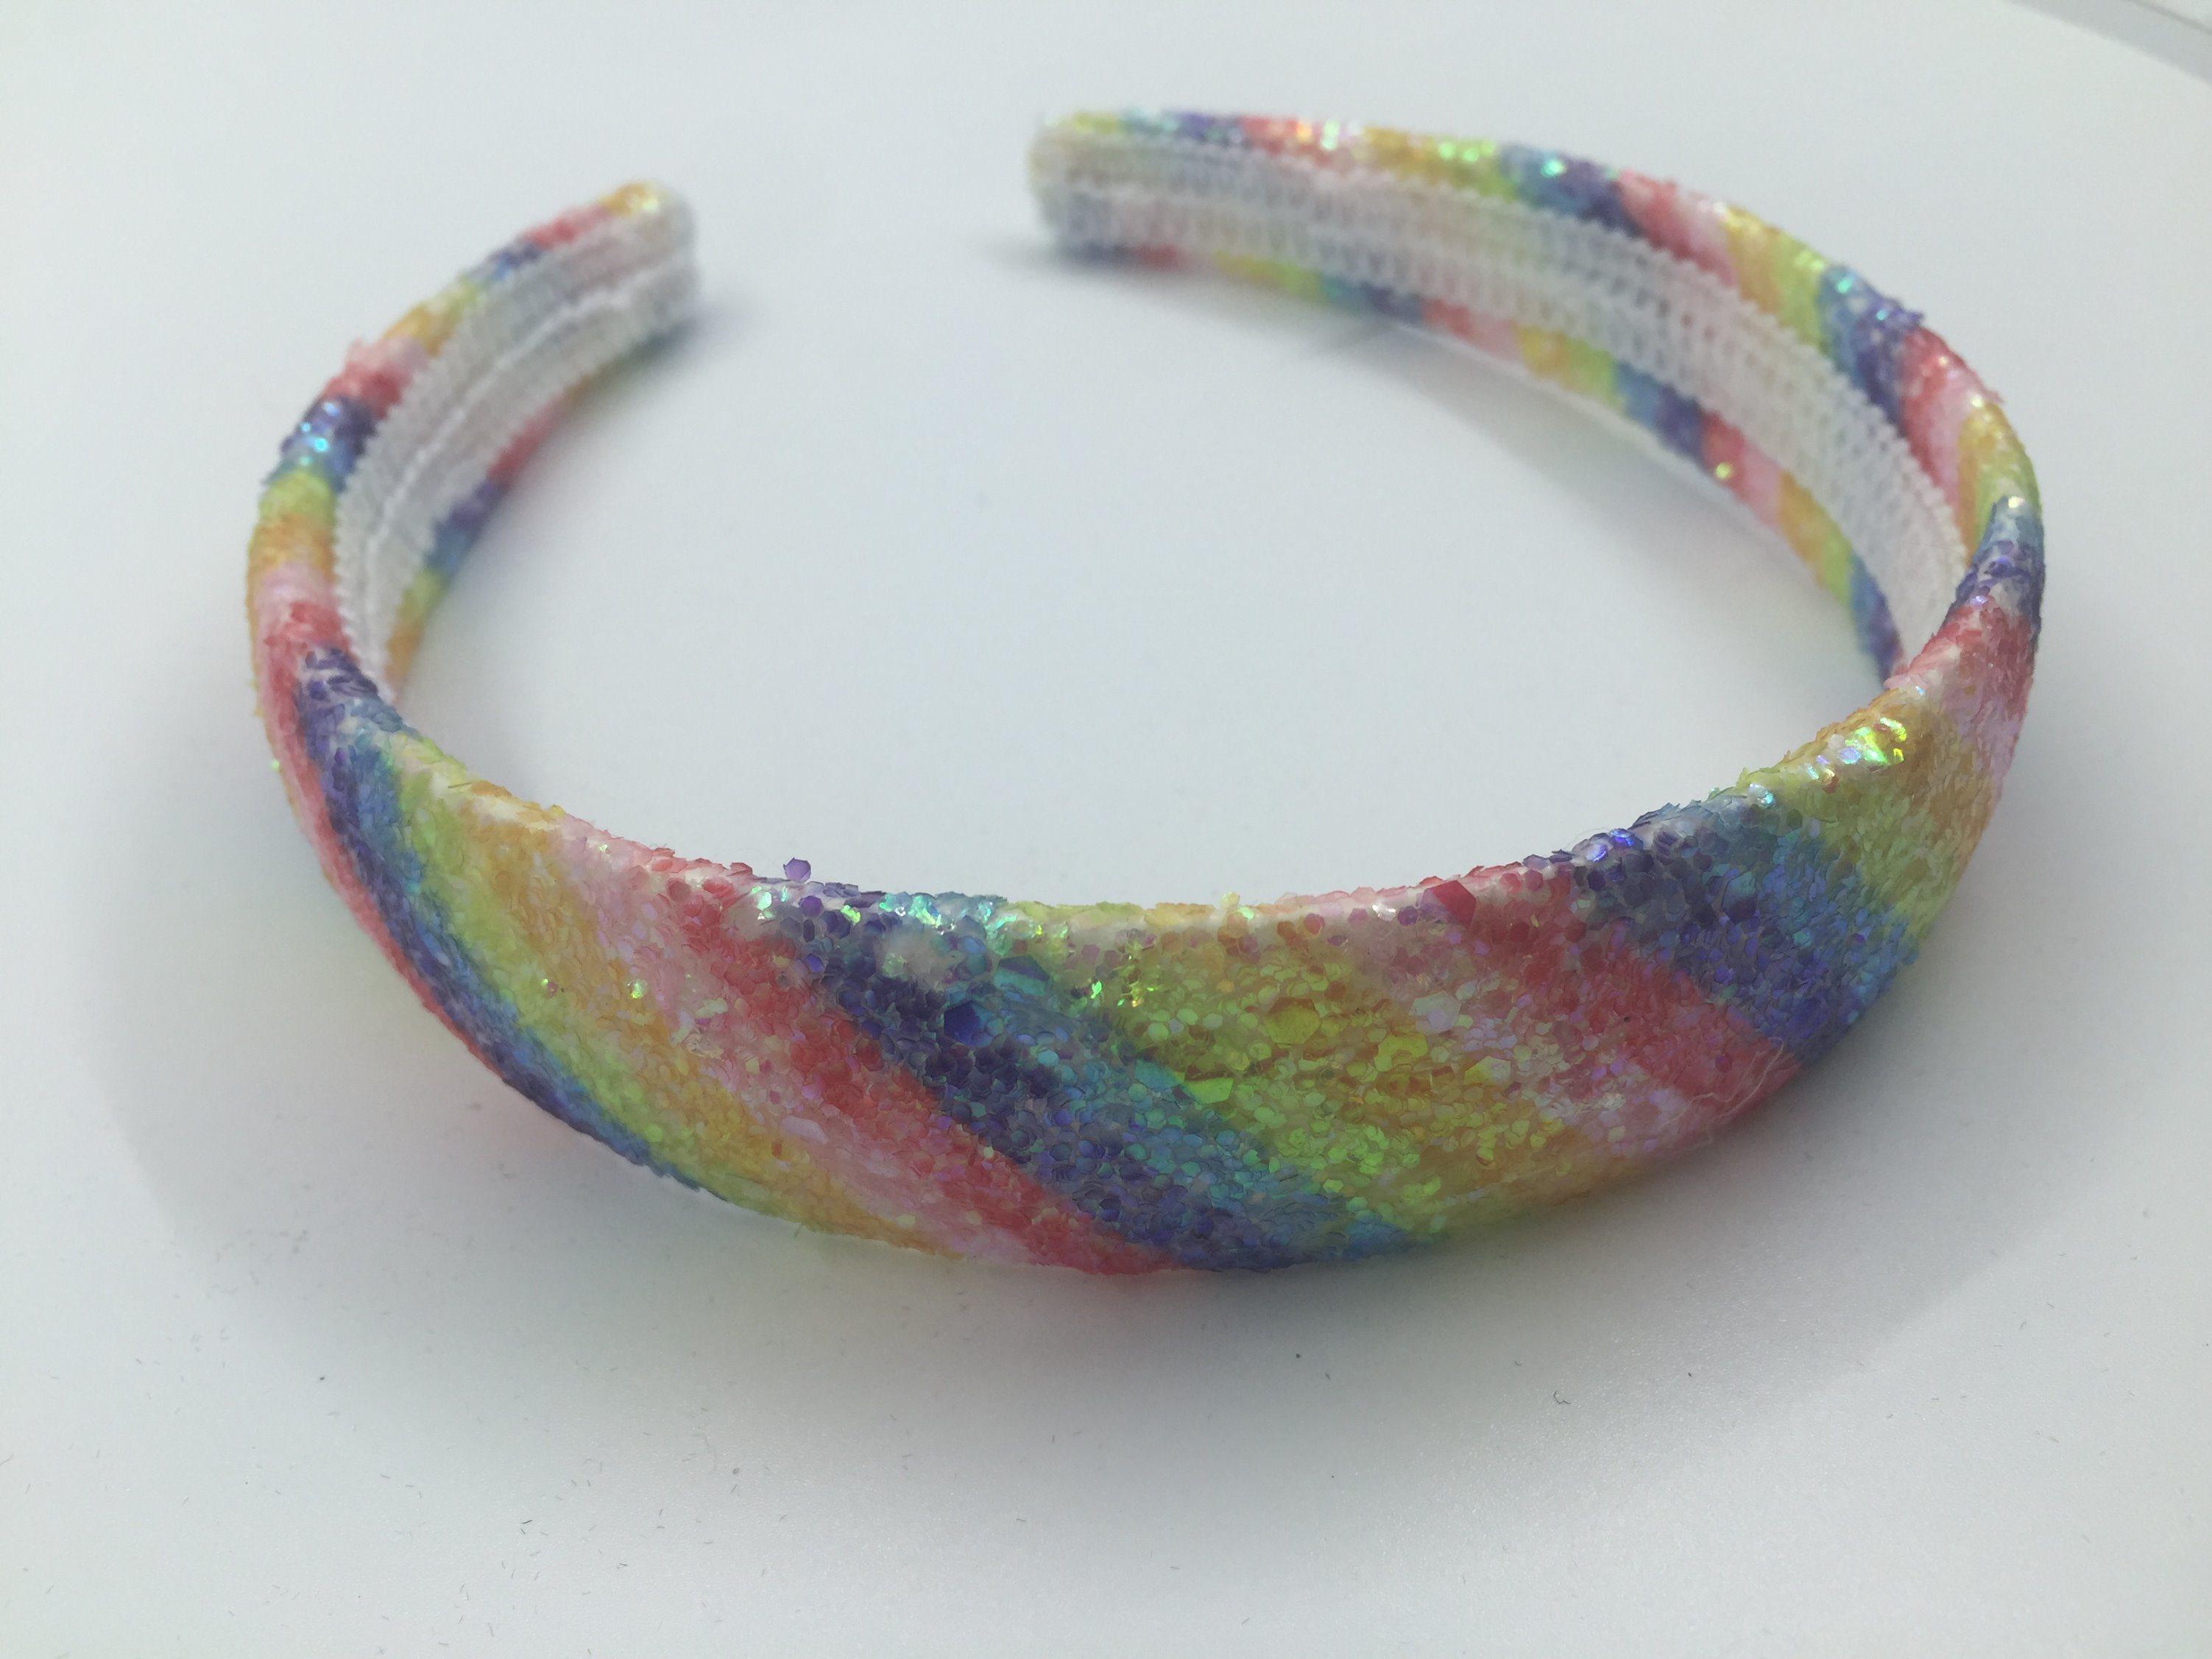 Nueva llegada de la moda Accesorios de Cabello Glitter de banda de sujeción del arco iris